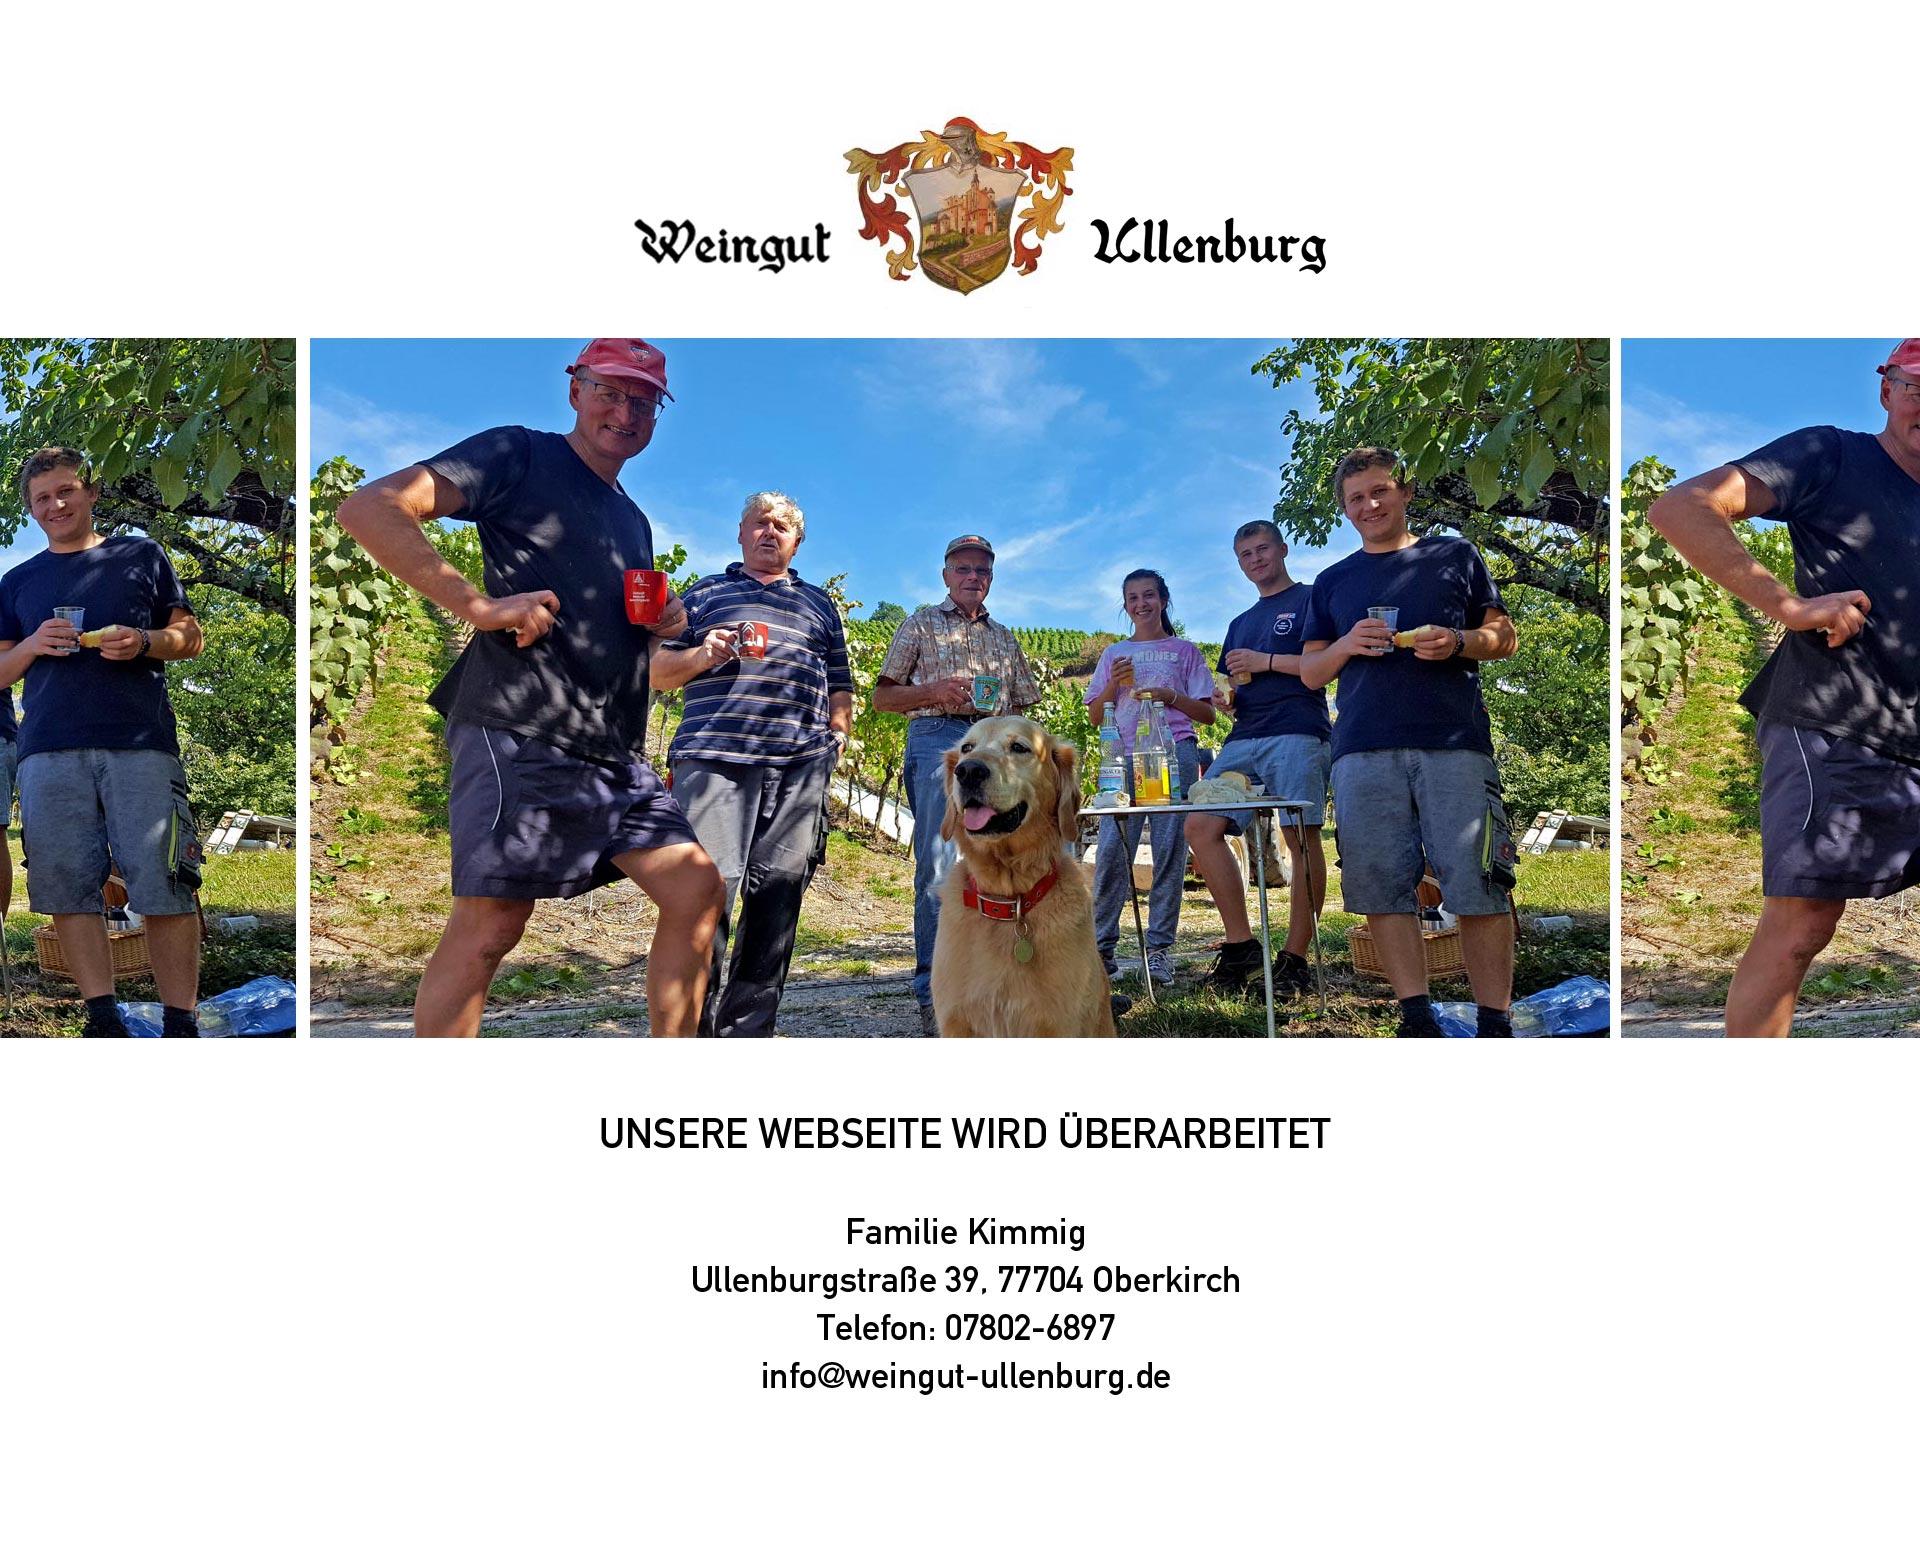 Weingut Ullenburg